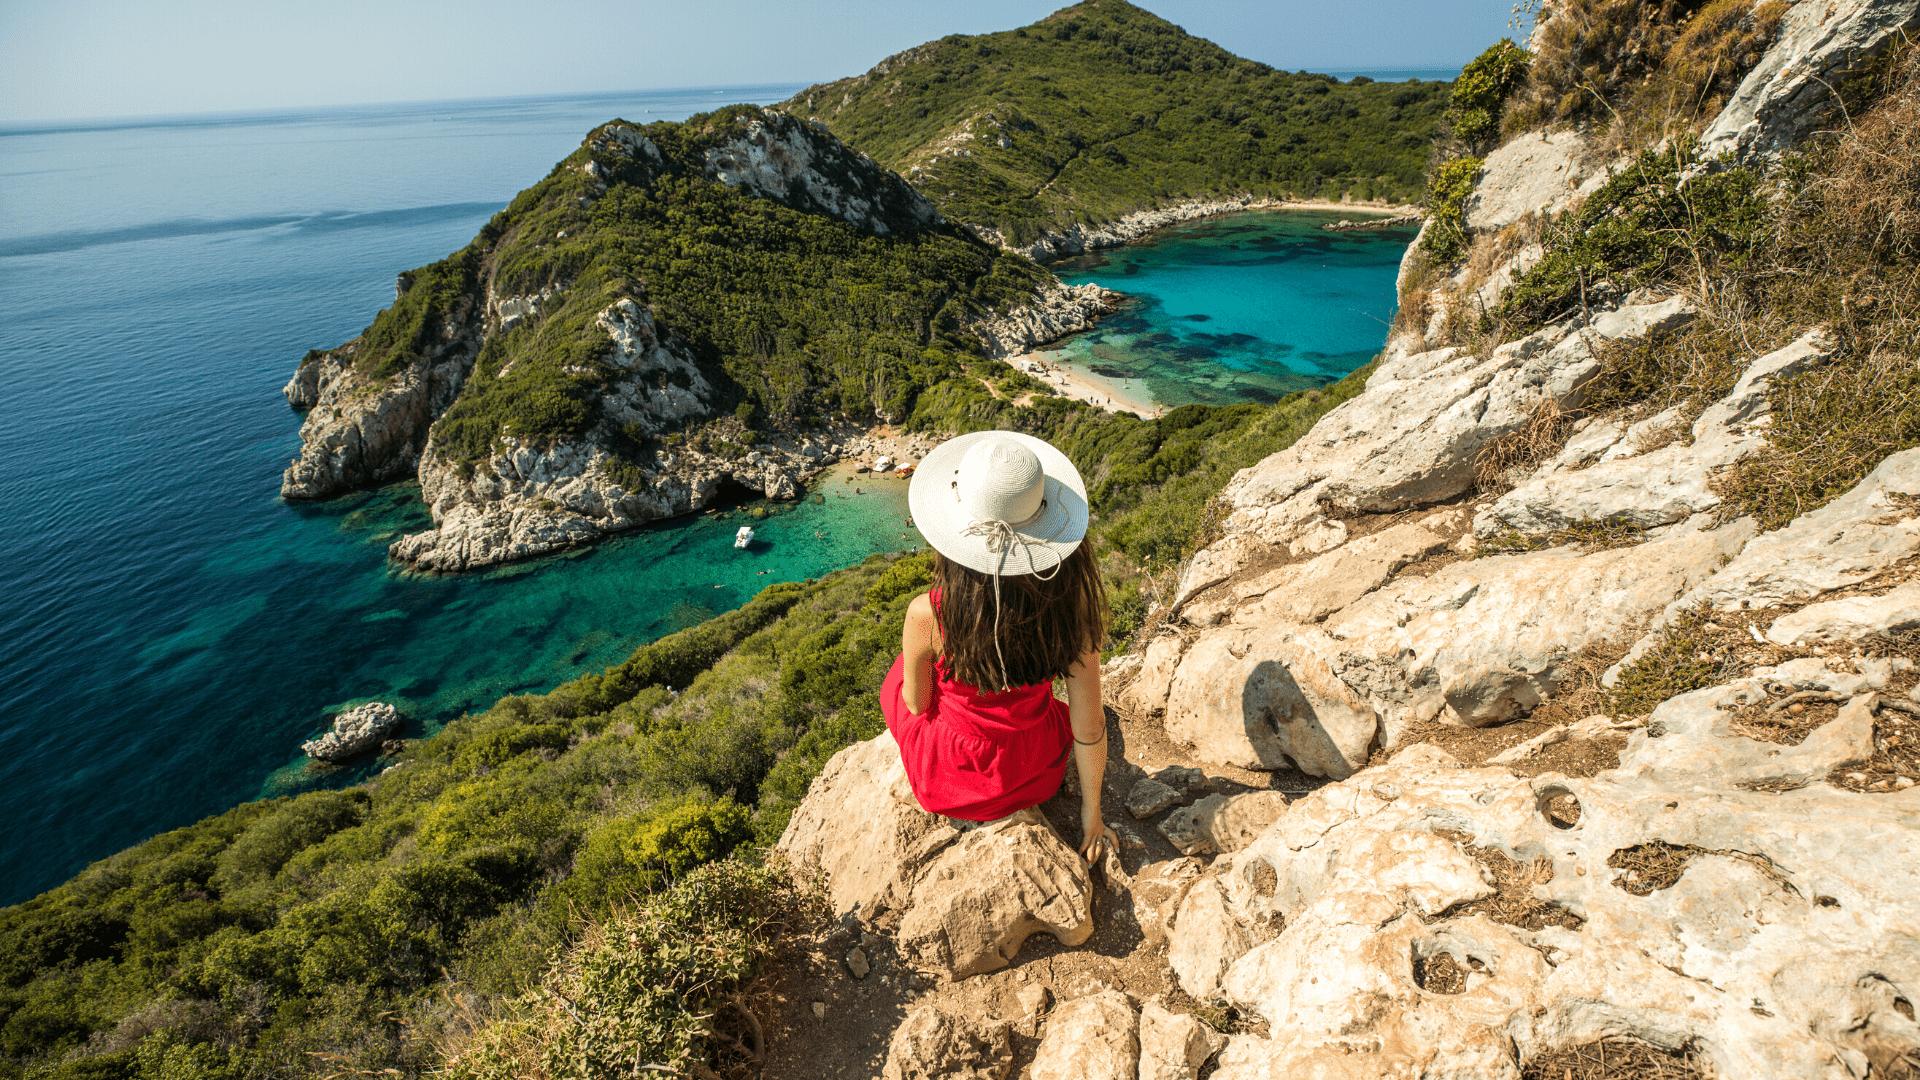 Leiskitės į nuotykius nuostabioje Korfu saloje